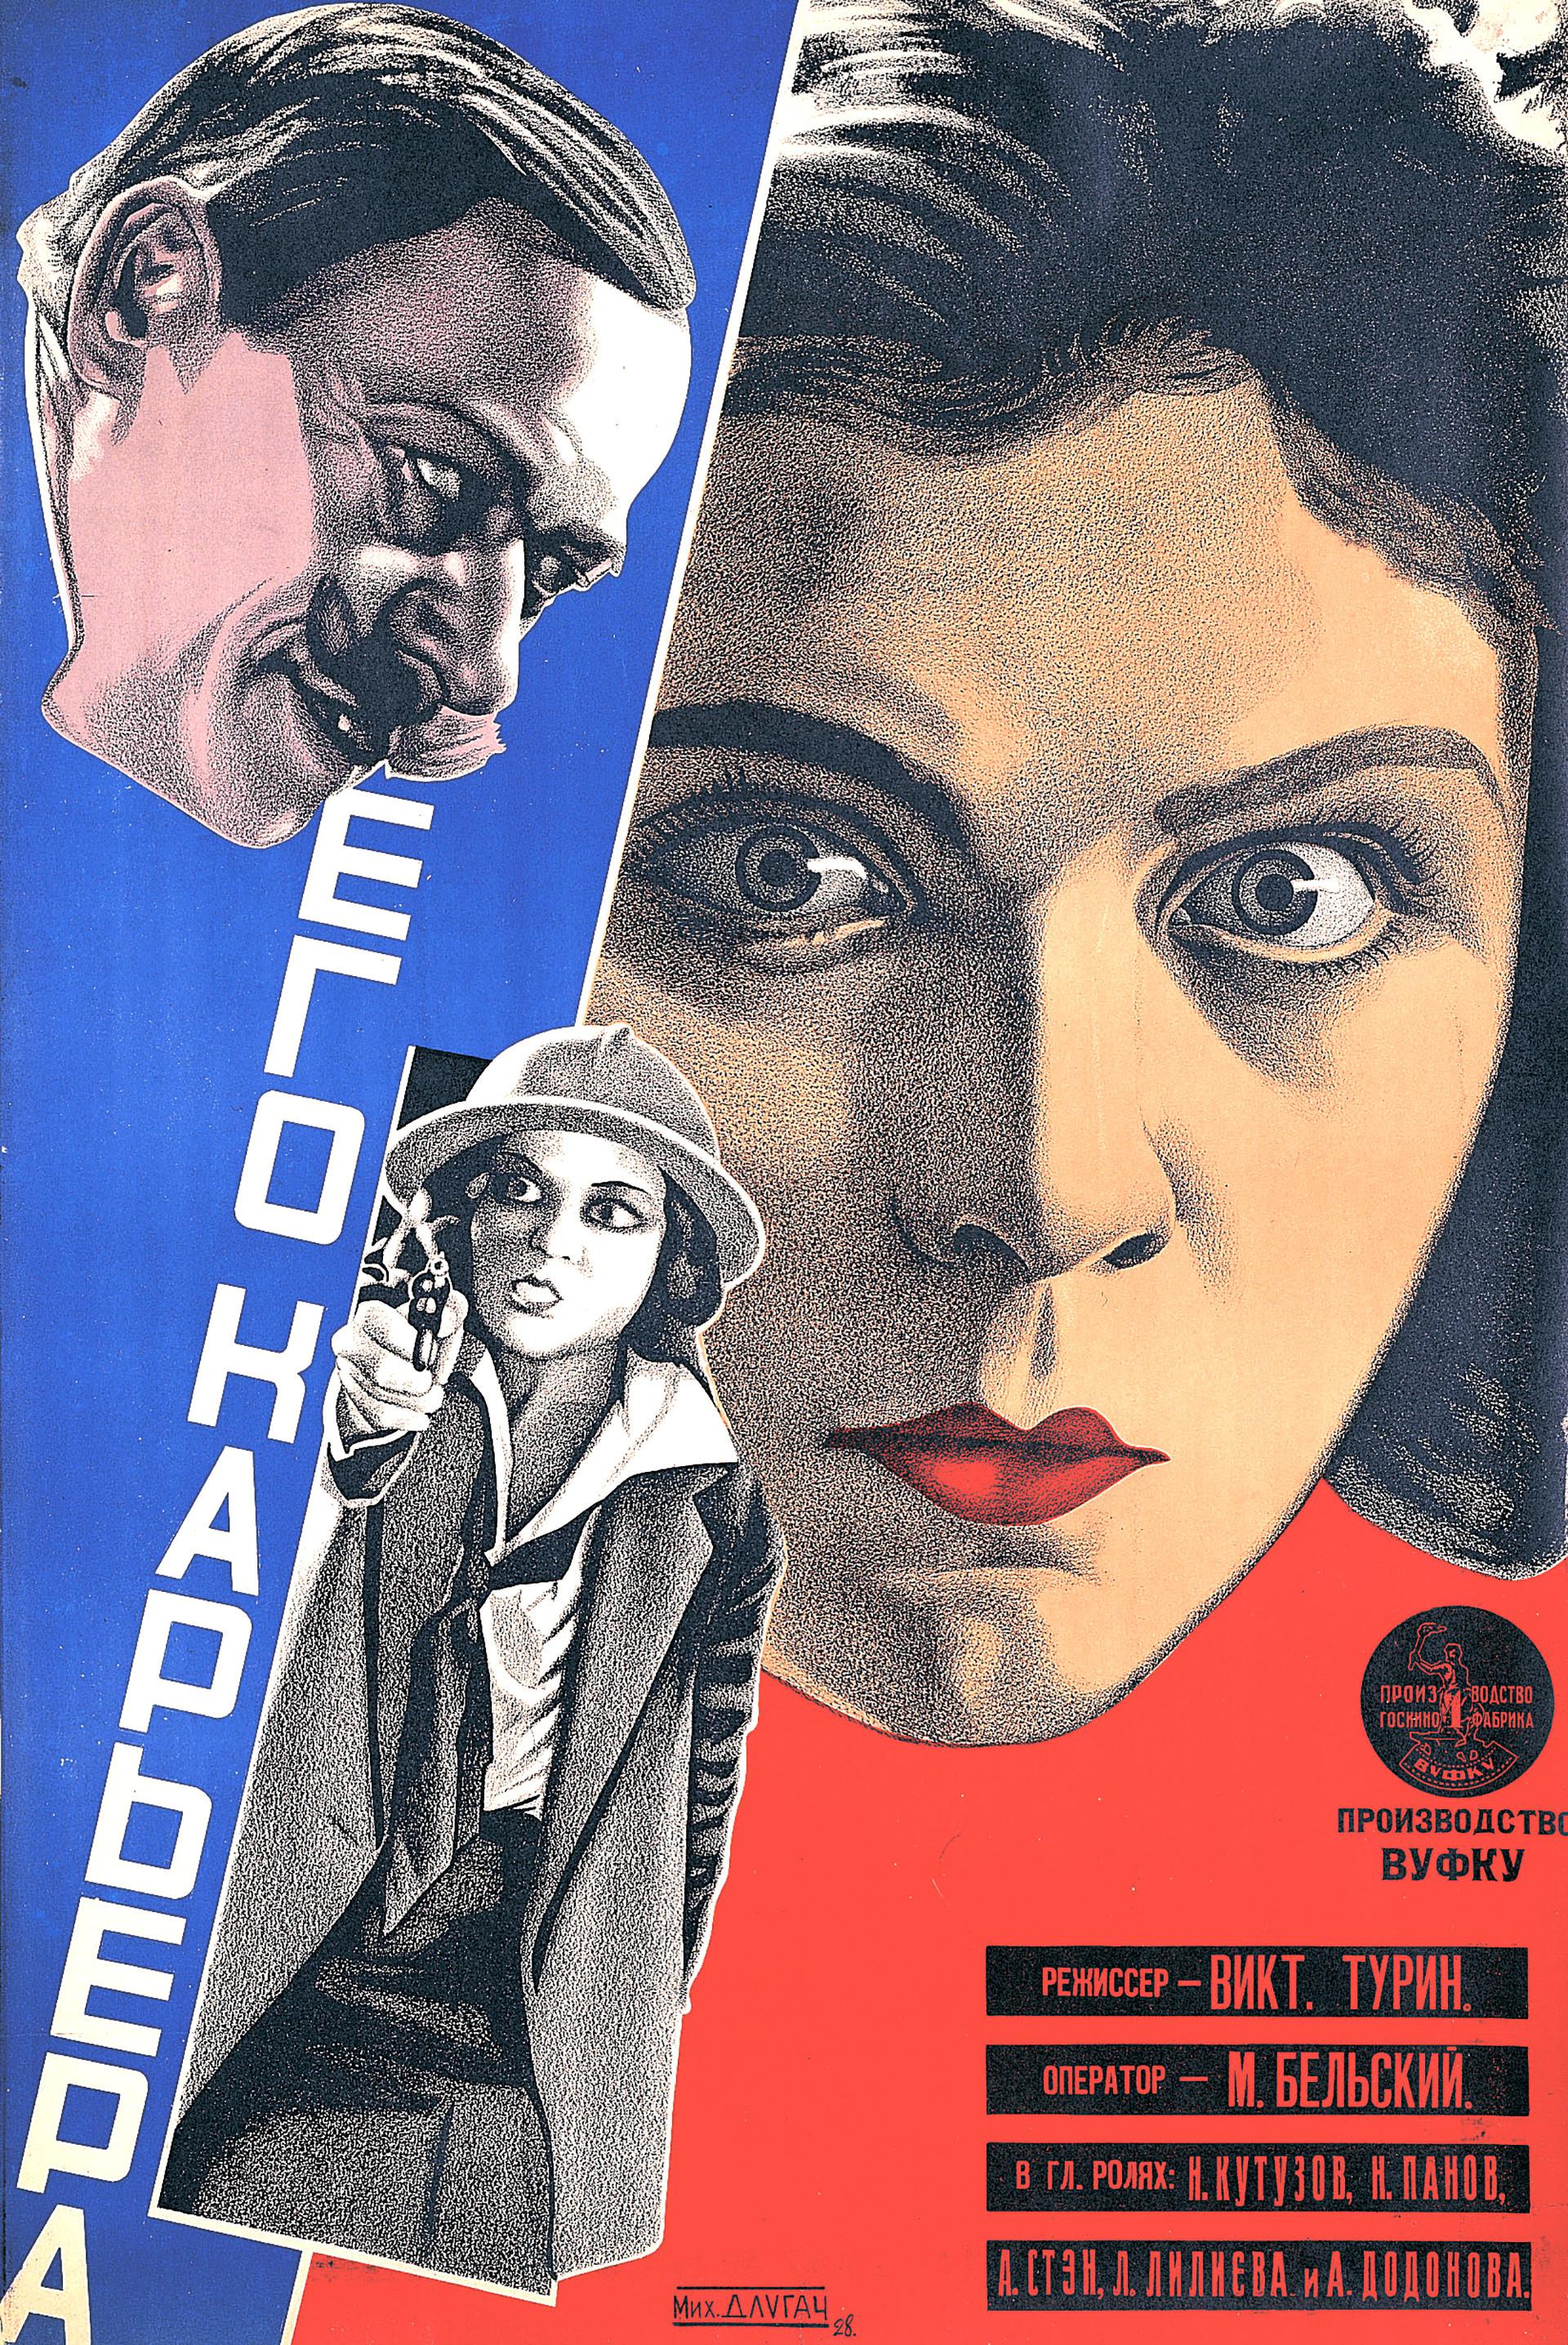 Mikhaïl Dlougatch, affiche pour Sa carrière, 1928